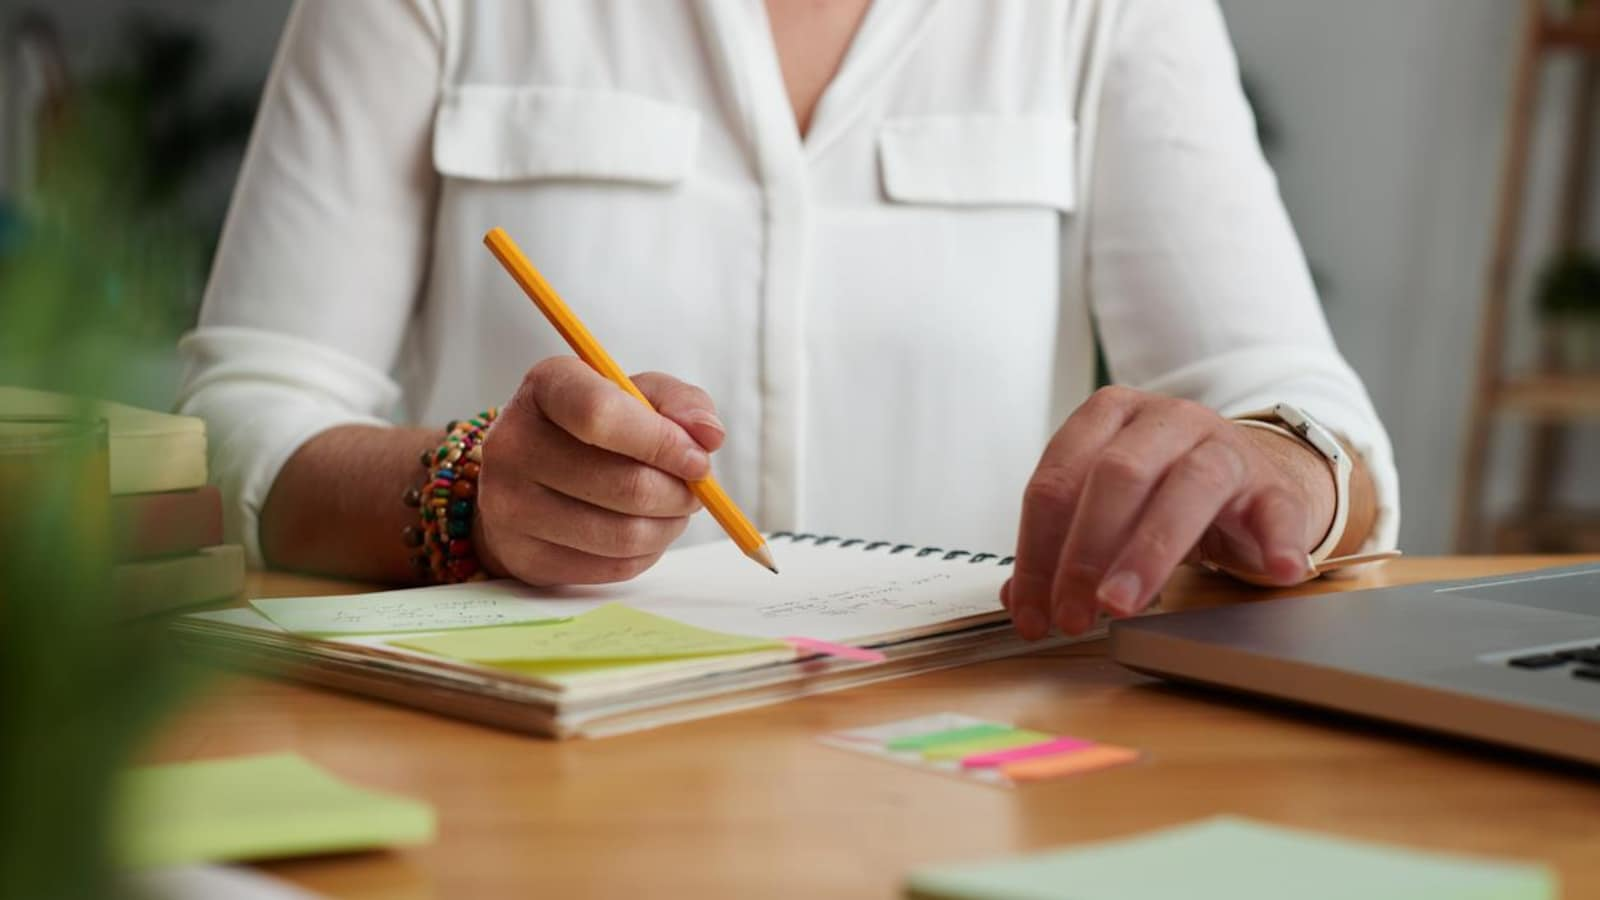 Une femme écrit des notes dans un cahier, un crayon à la main.